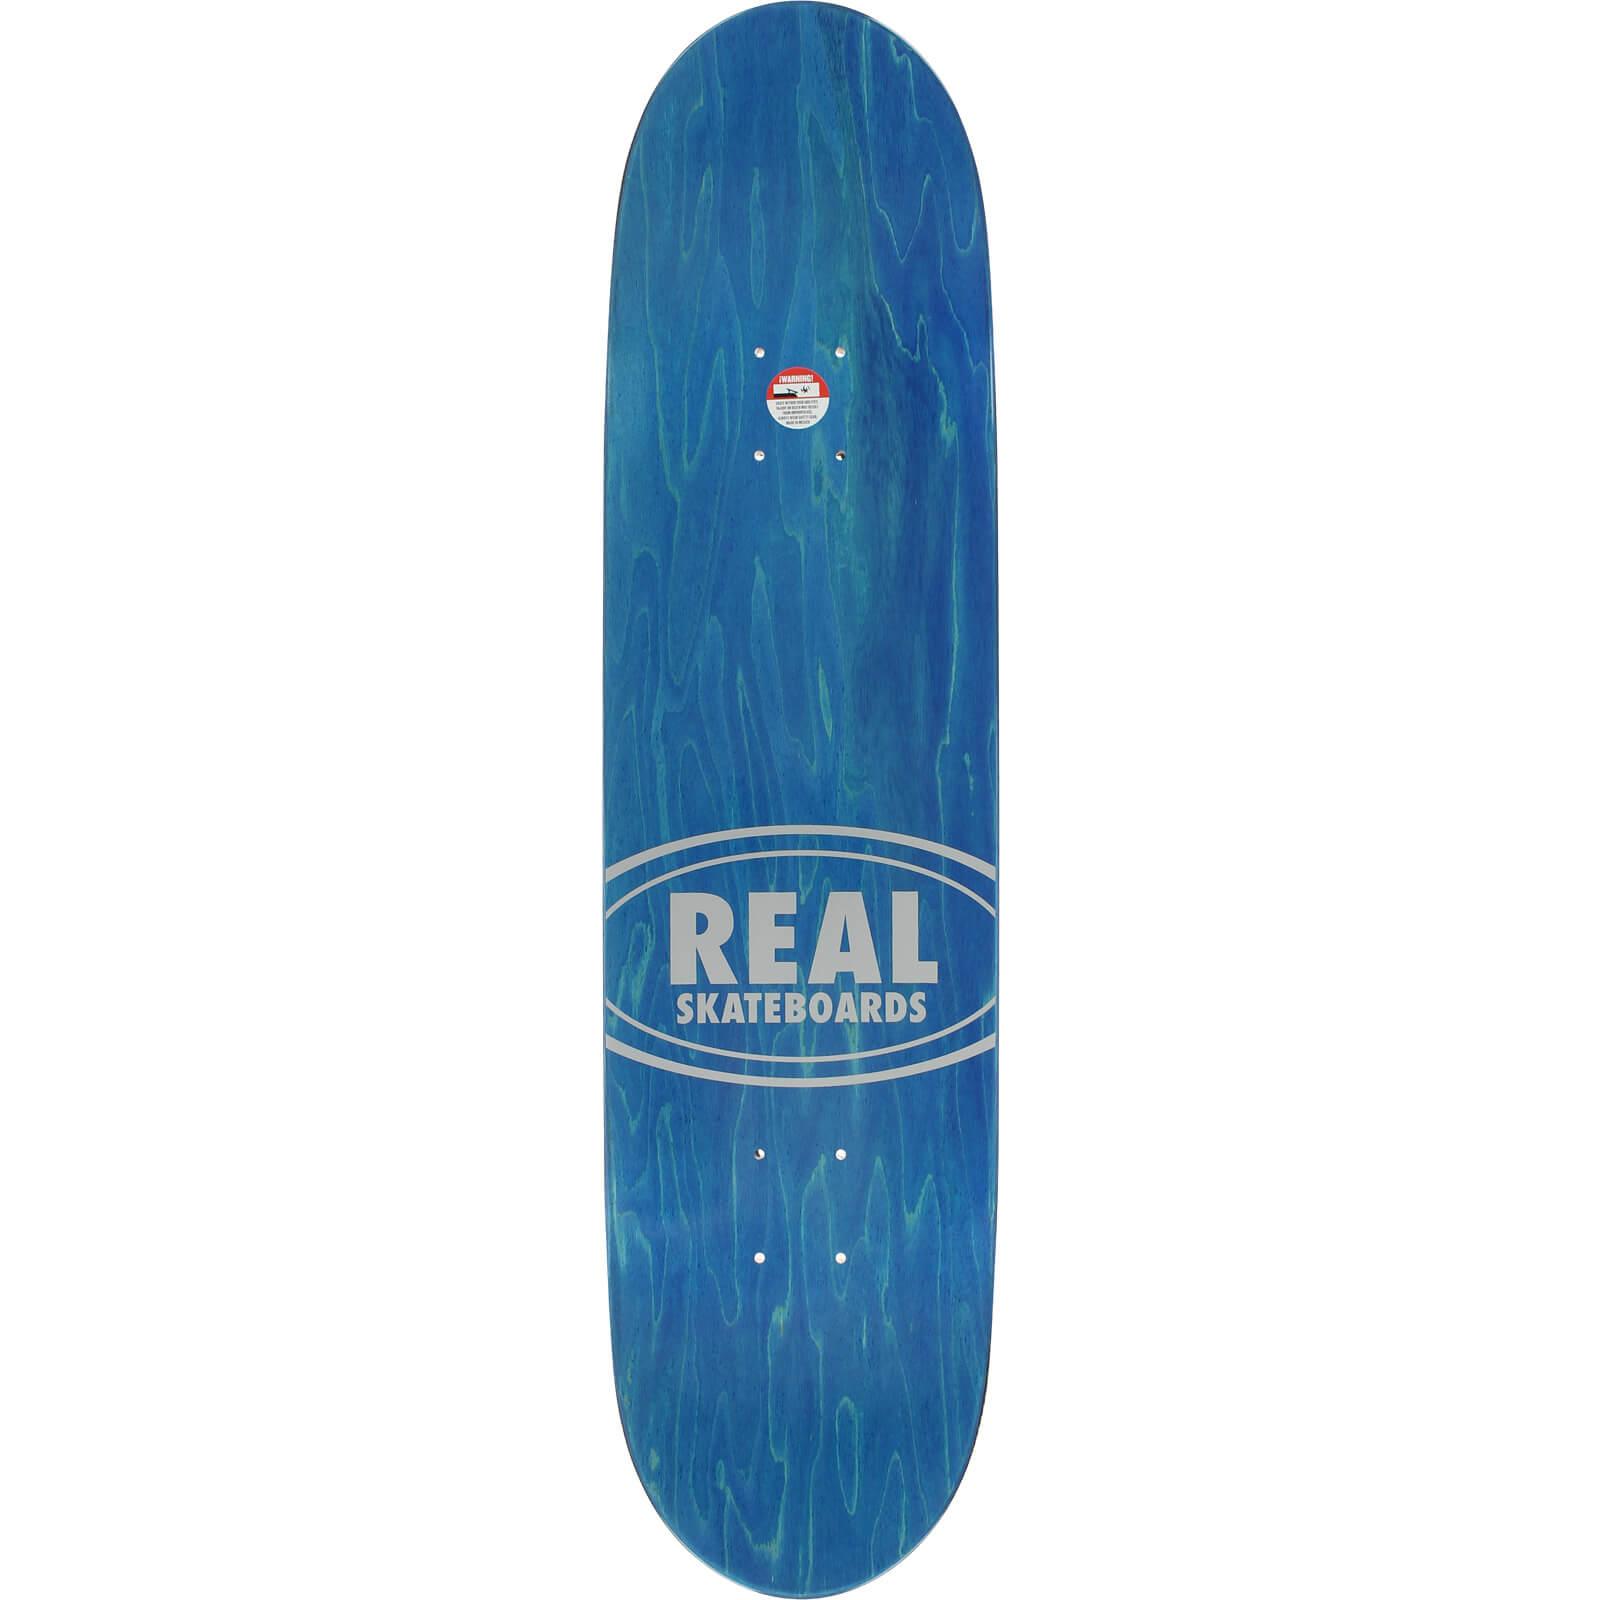 Real Skateboards Kyle Walker Premium Sm Skateboard Deck